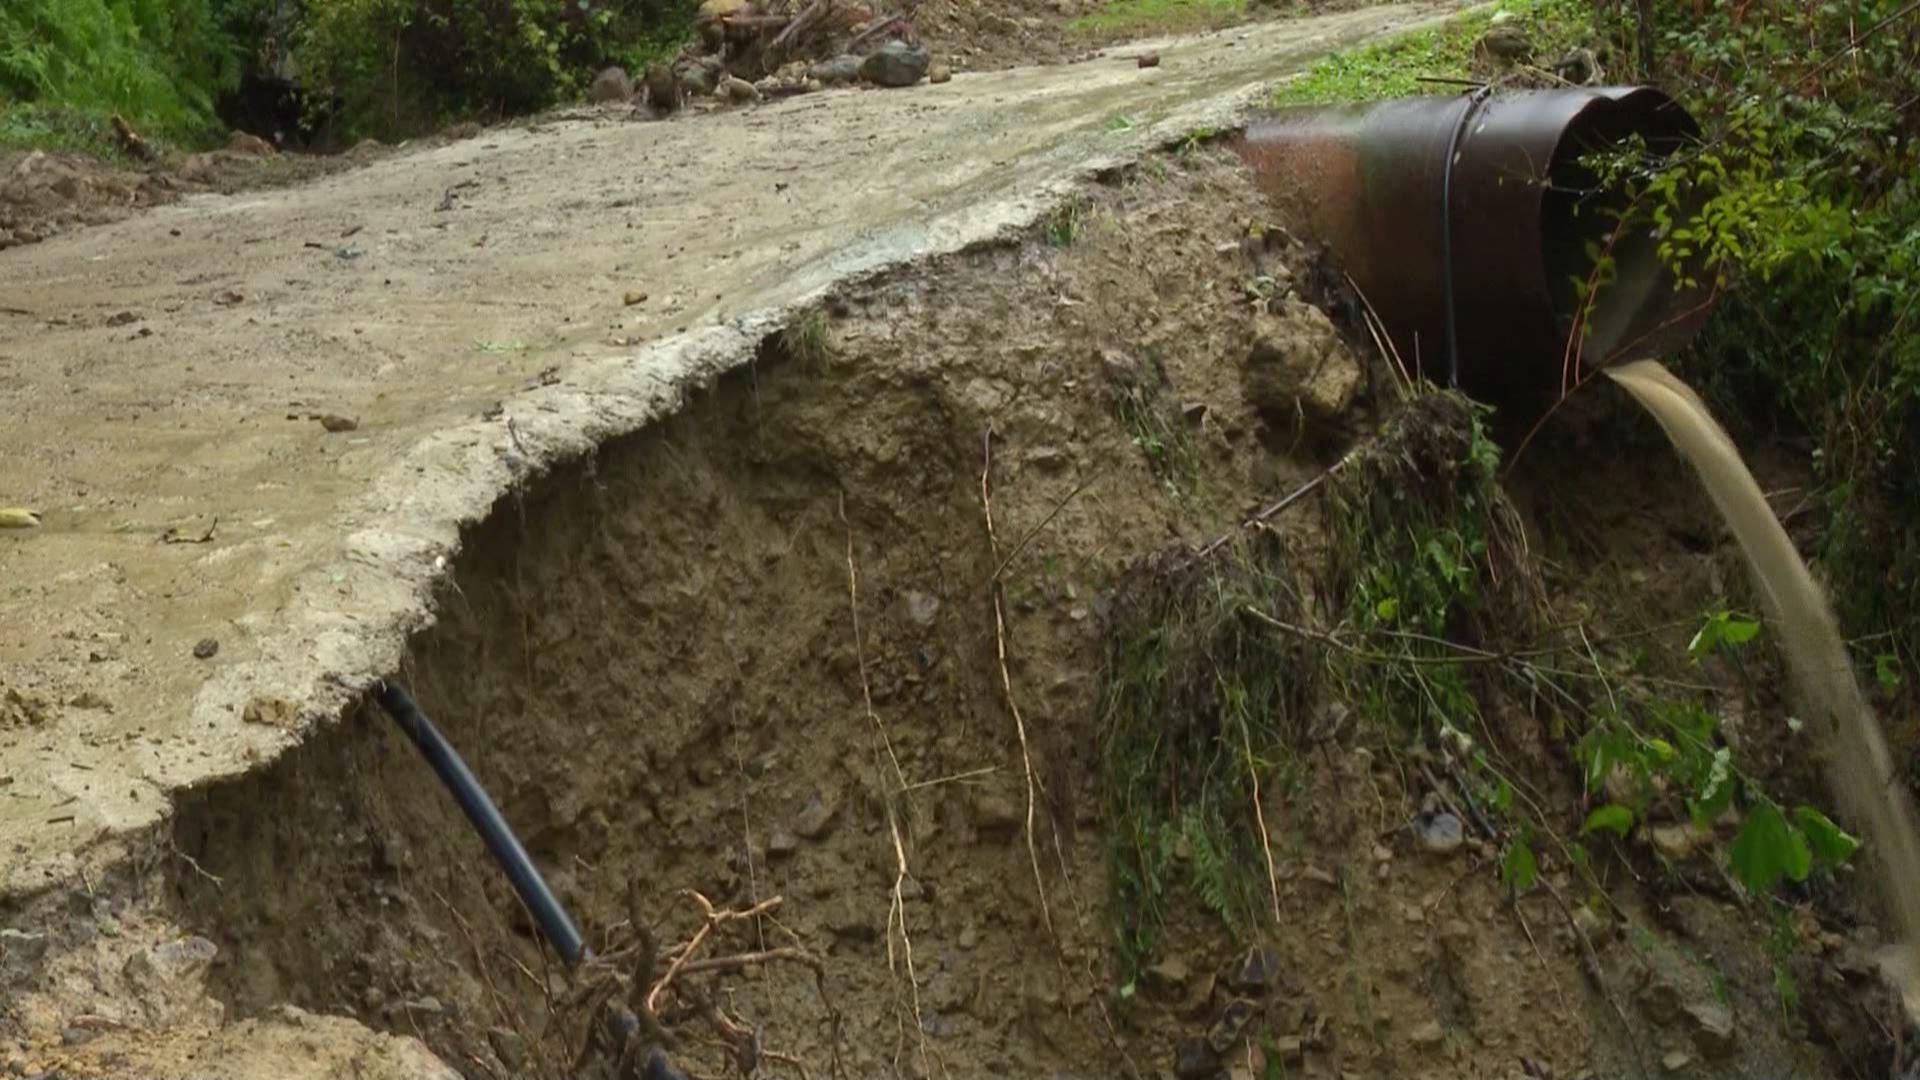 ქობულეთის სამ სოფელს მესამე დღეა სასმელი წყალი არ მიეწოდება